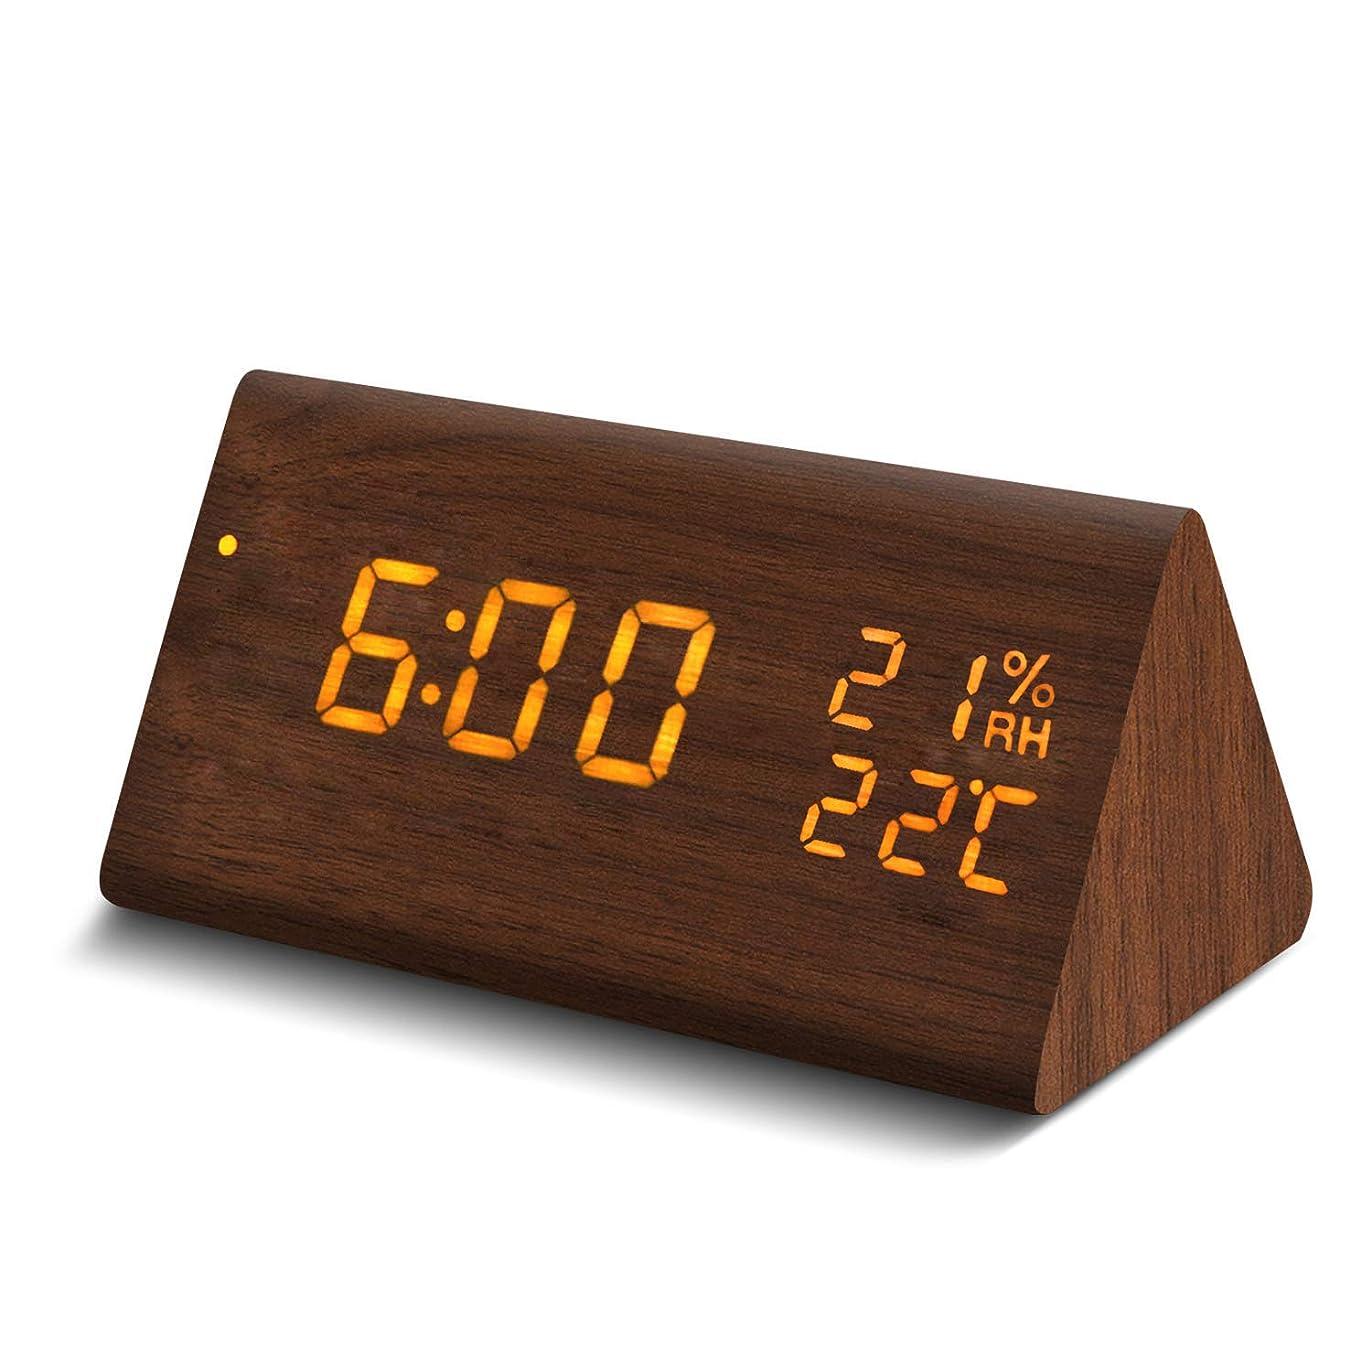 おじさんすぐに塗抹Galopar 目覚まし時計 置き時計 LED 多機能 アラーム デジタル時計 木目調 大音量 音声感知 デジタル温度計 湿度計 USB/電池給電 省エネ (ブラウン)